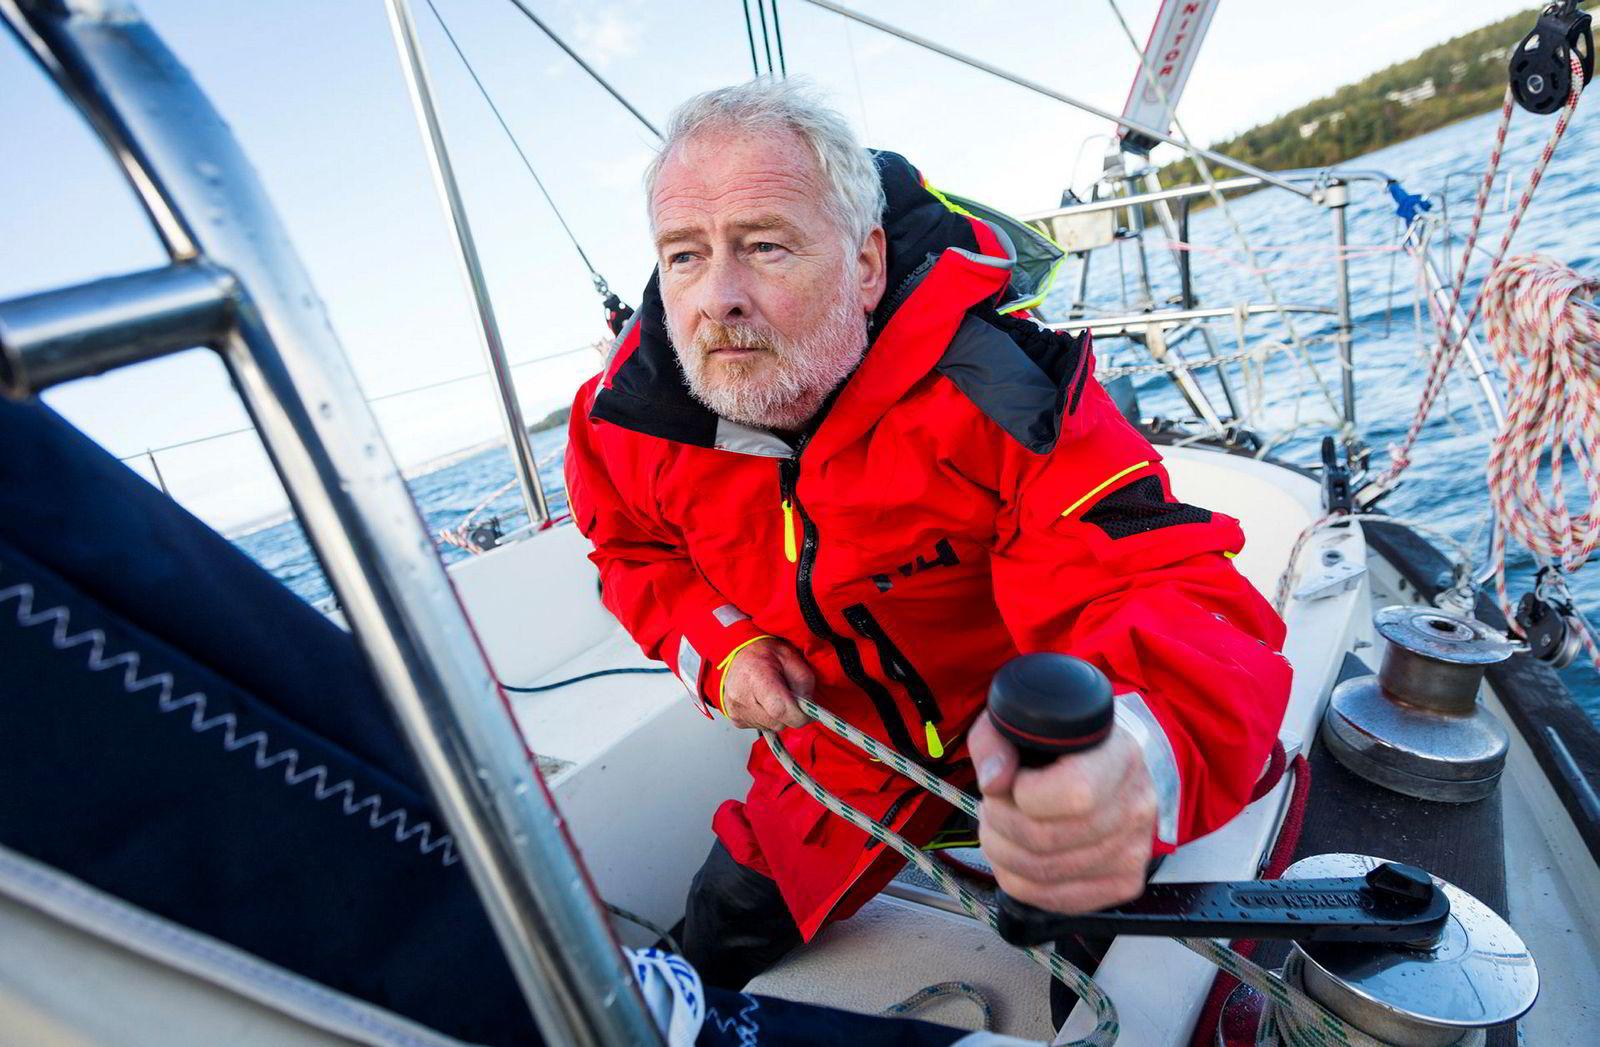 Om bord må Wiig gjøre alle oppgaver selv, fra matlaging, navigering, trimming av seil til klatring i masten.